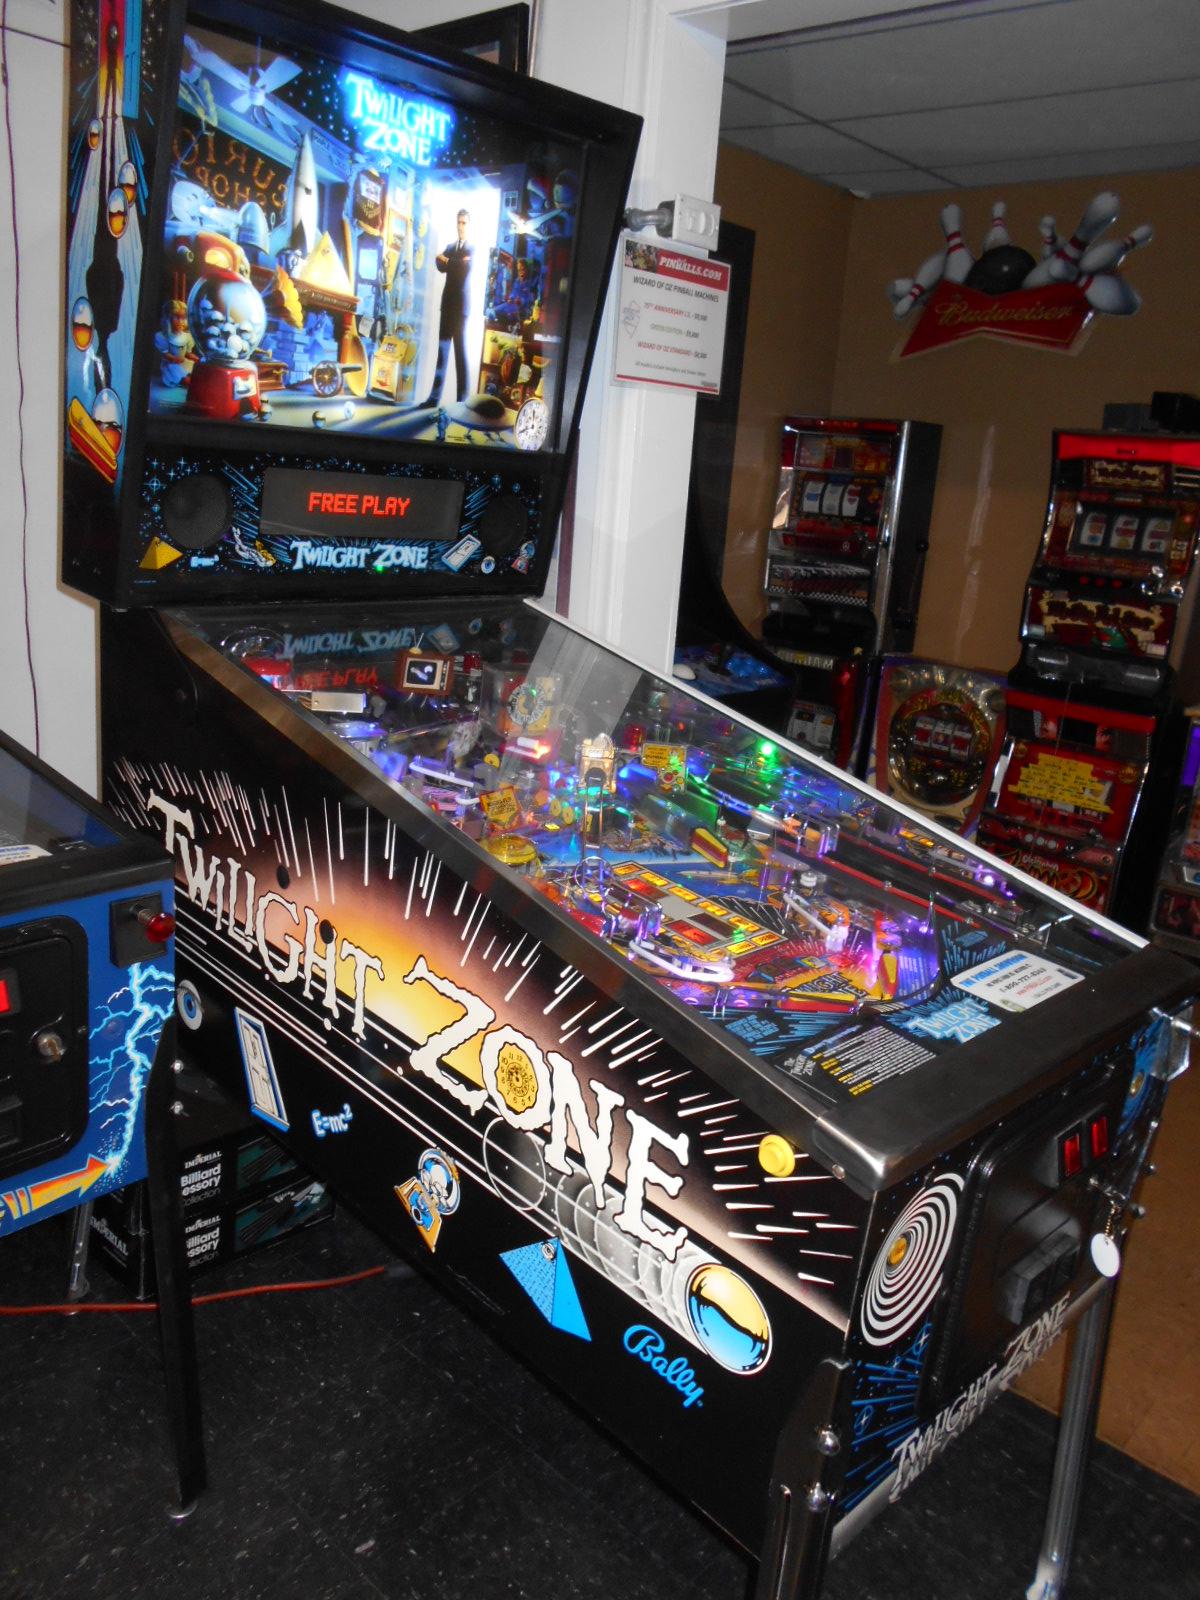 Pinball Machines, Buy New or Used - ManCaveSite.org